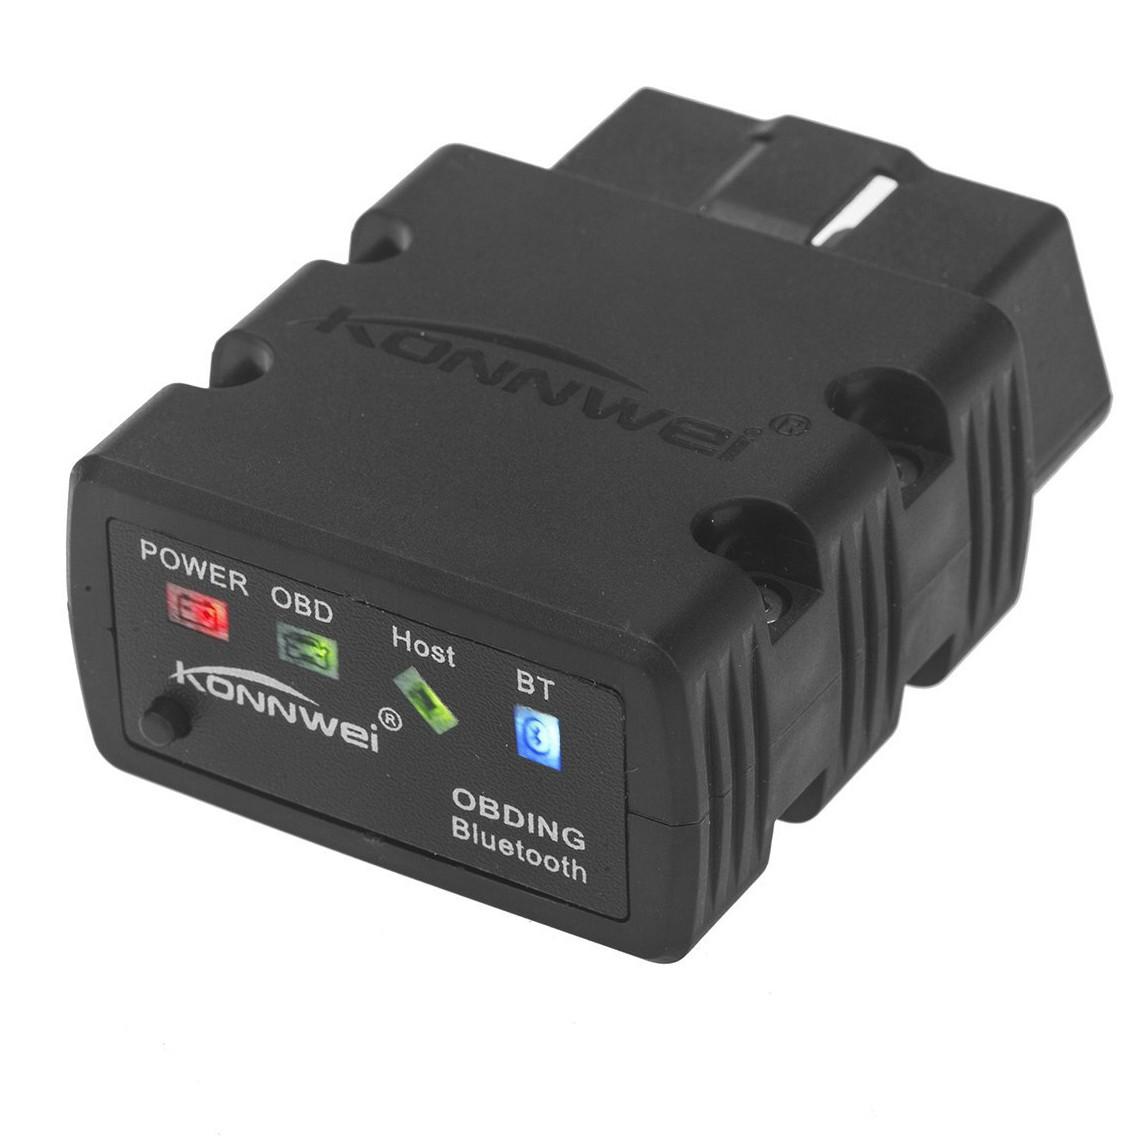 OBD-II Felkodsläsare Konnwei KW902 Bluetooth+WiFi